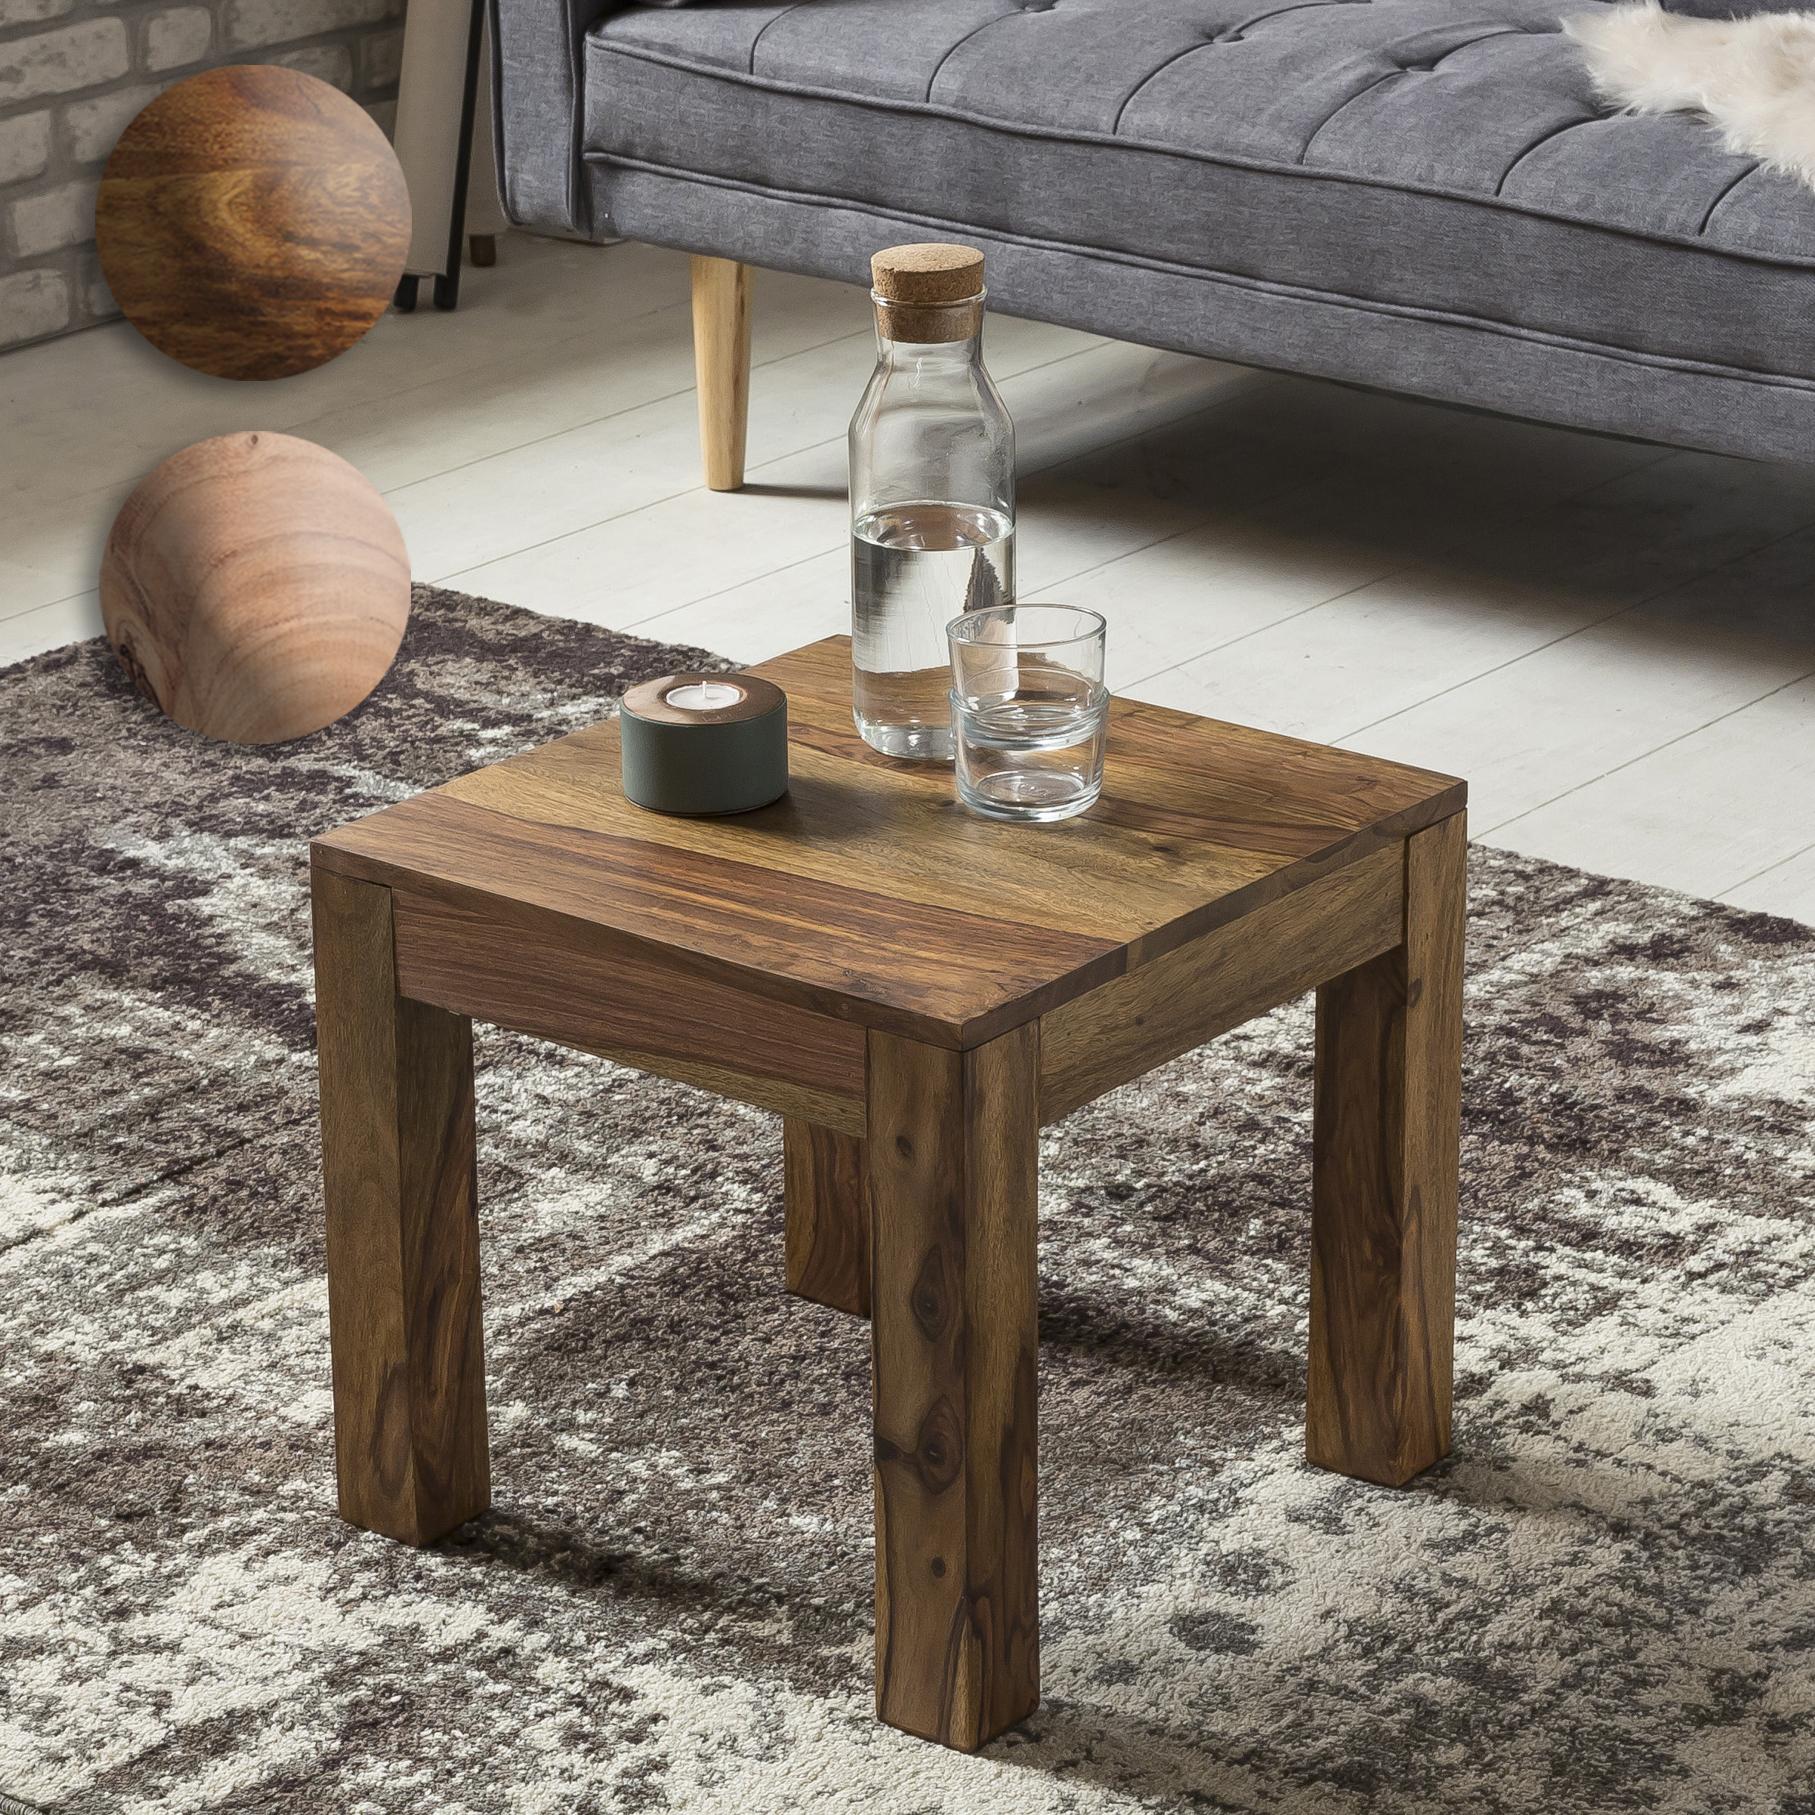 couchtisch holz massiv wohnzimmertisch beistelltisch tisch 45cm quadratisch ebay. Black Bedroom Furniture Sets. Home Design Ideas